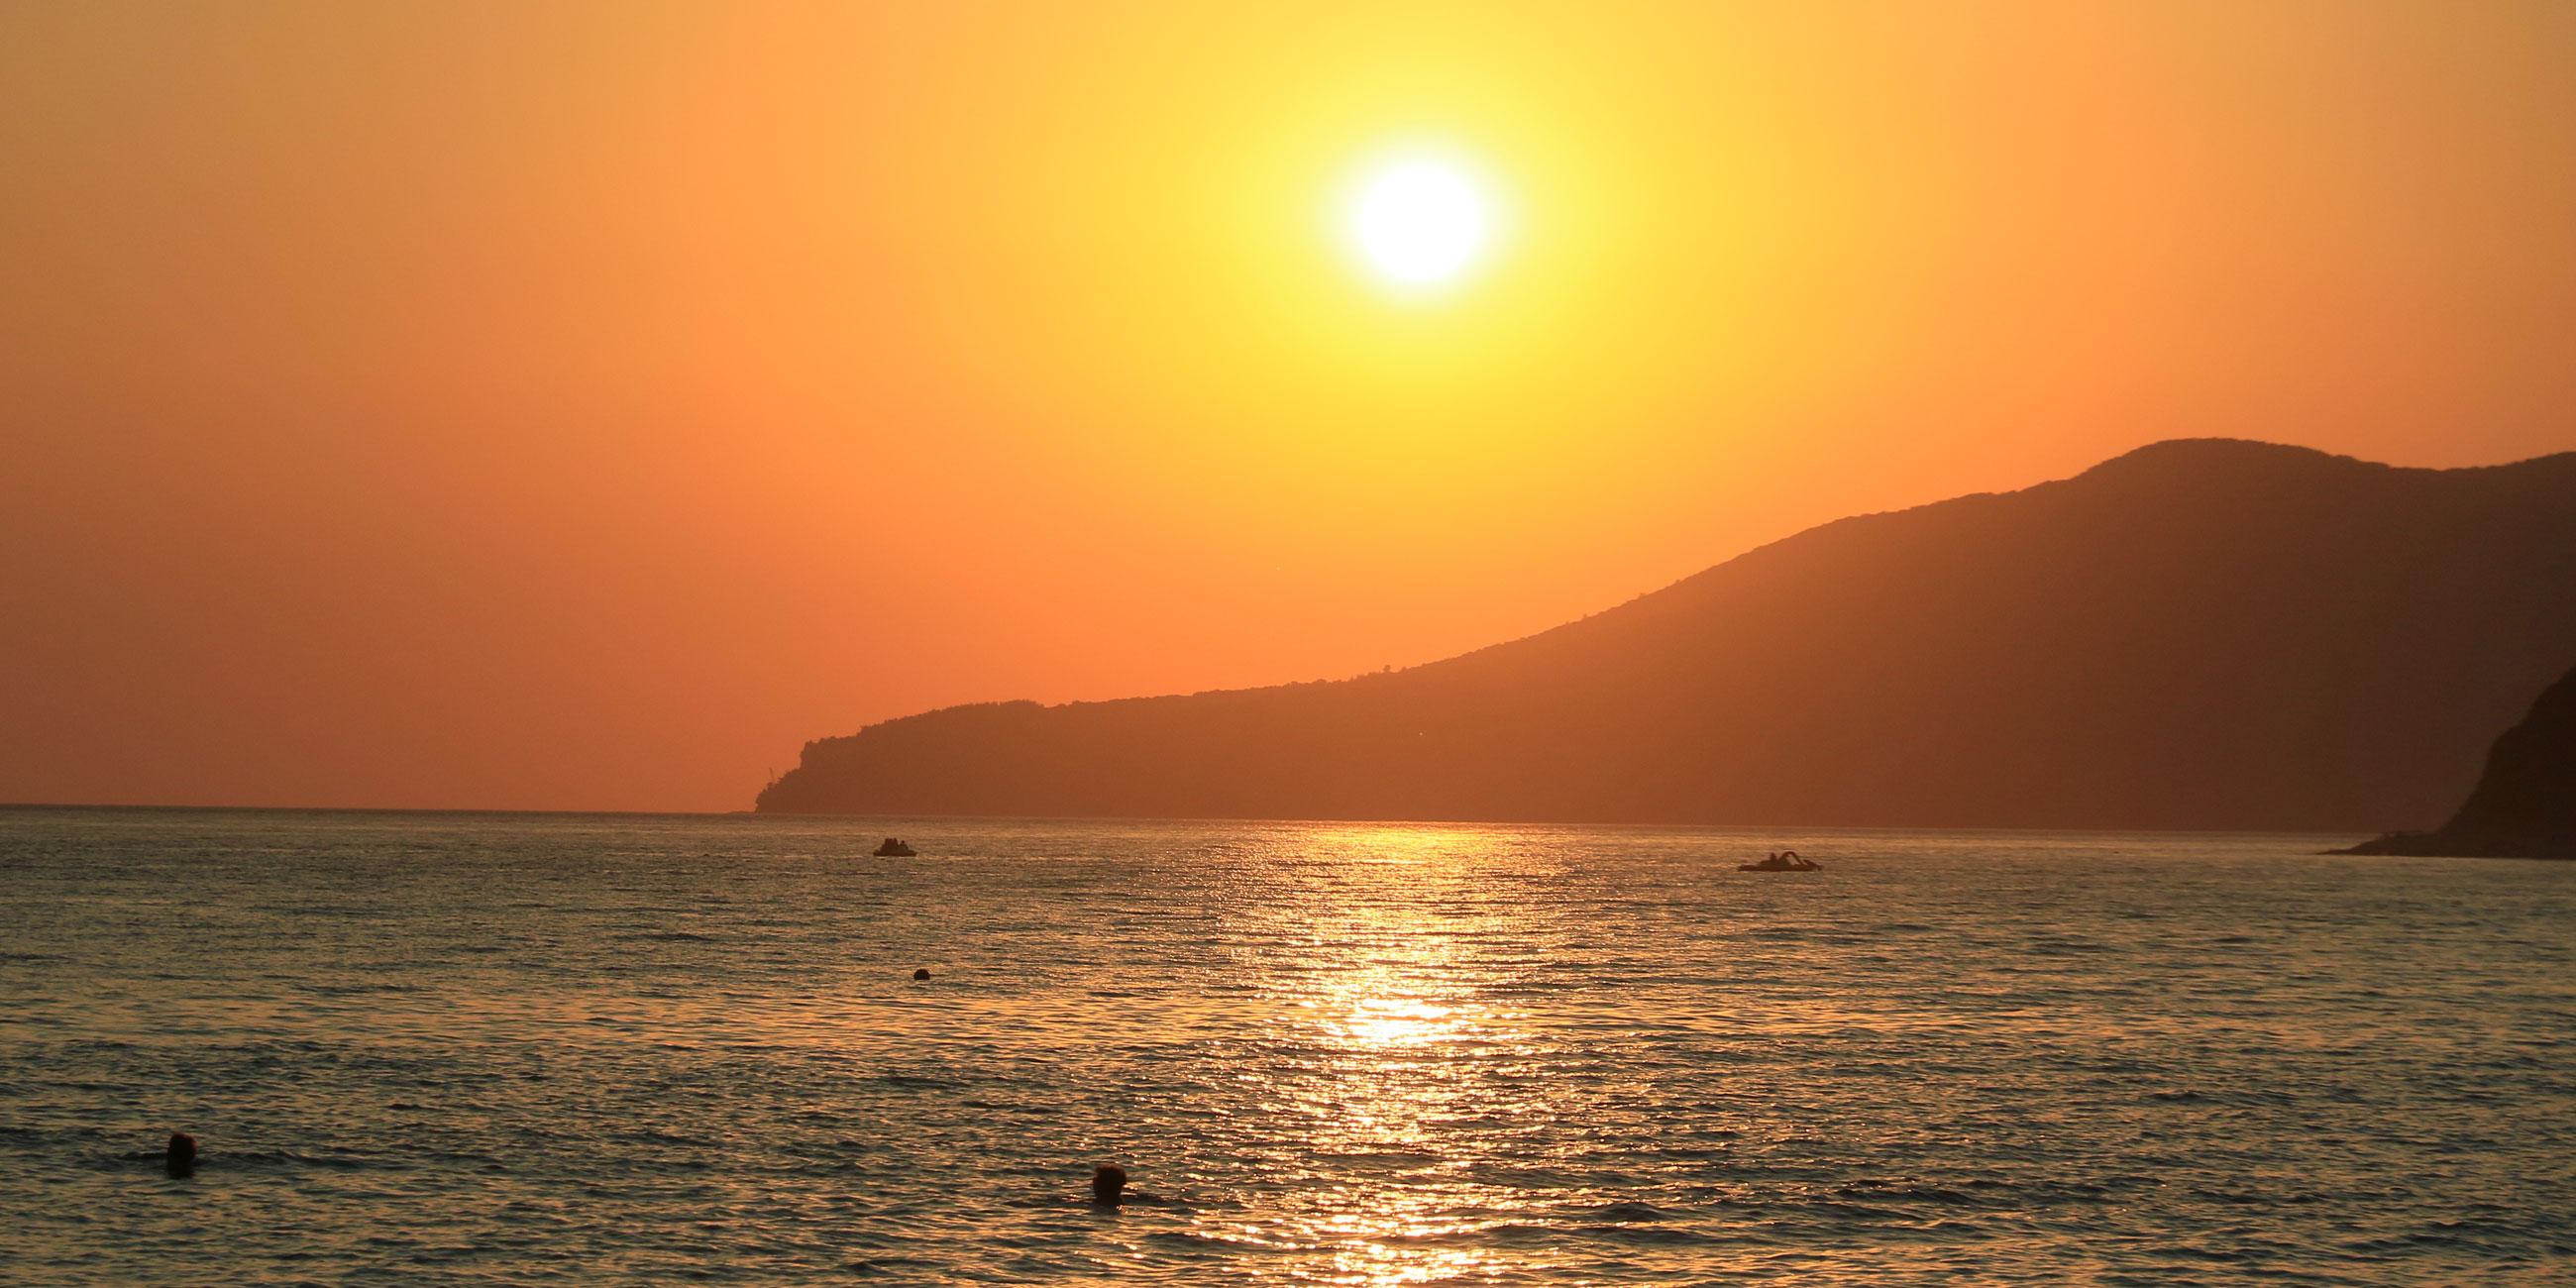 Приходите на пляж вечером, чтобы встретить закат